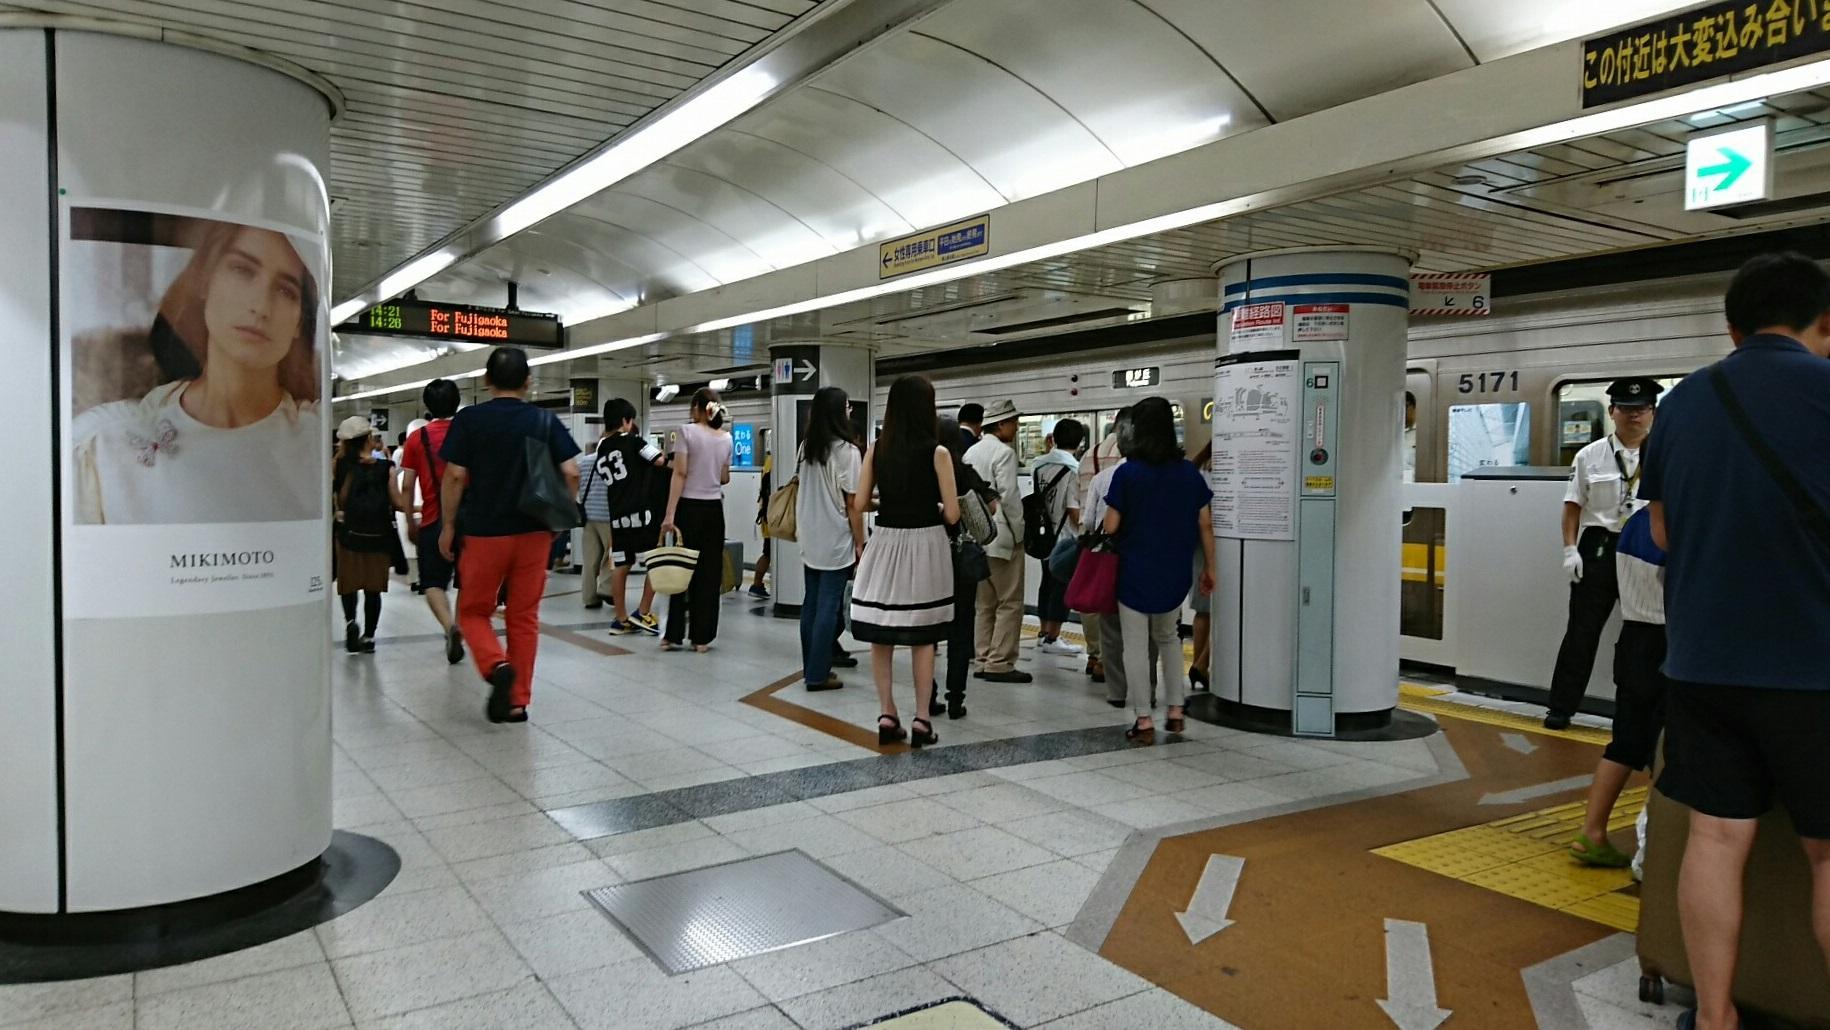 2018.8.20 (4) 名古屋 - 藤が丘いき 1830-1030